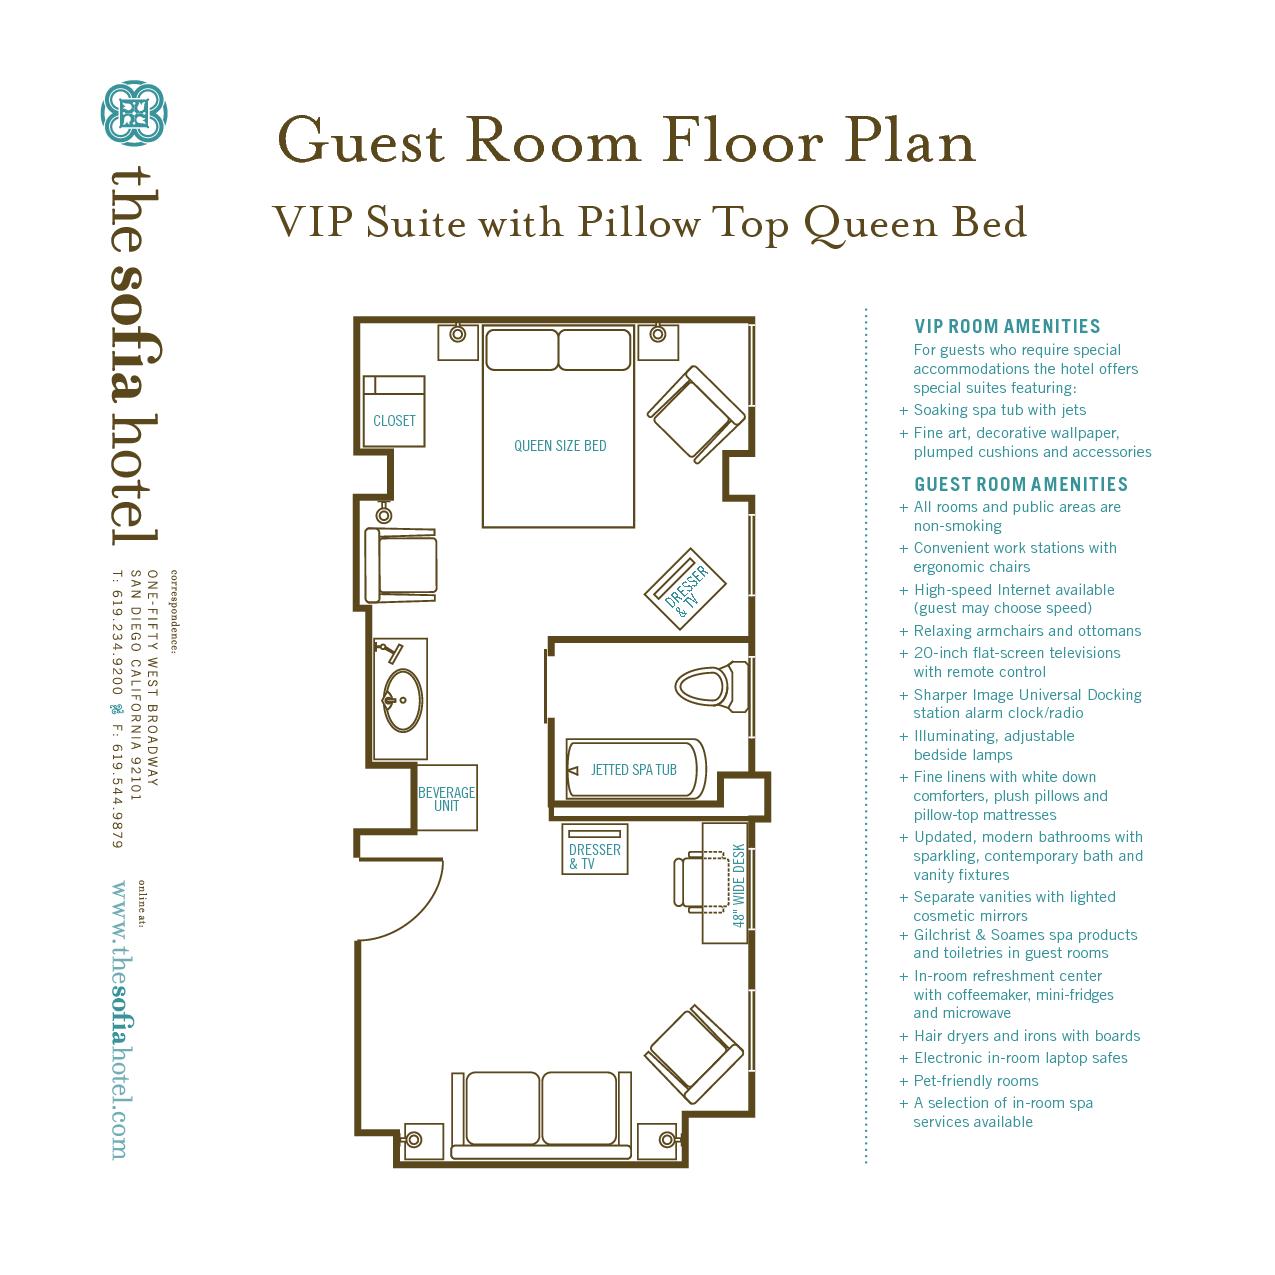 Guest Room Floor Plan Hotel Room Design Plan Floor Plans Room Flooring